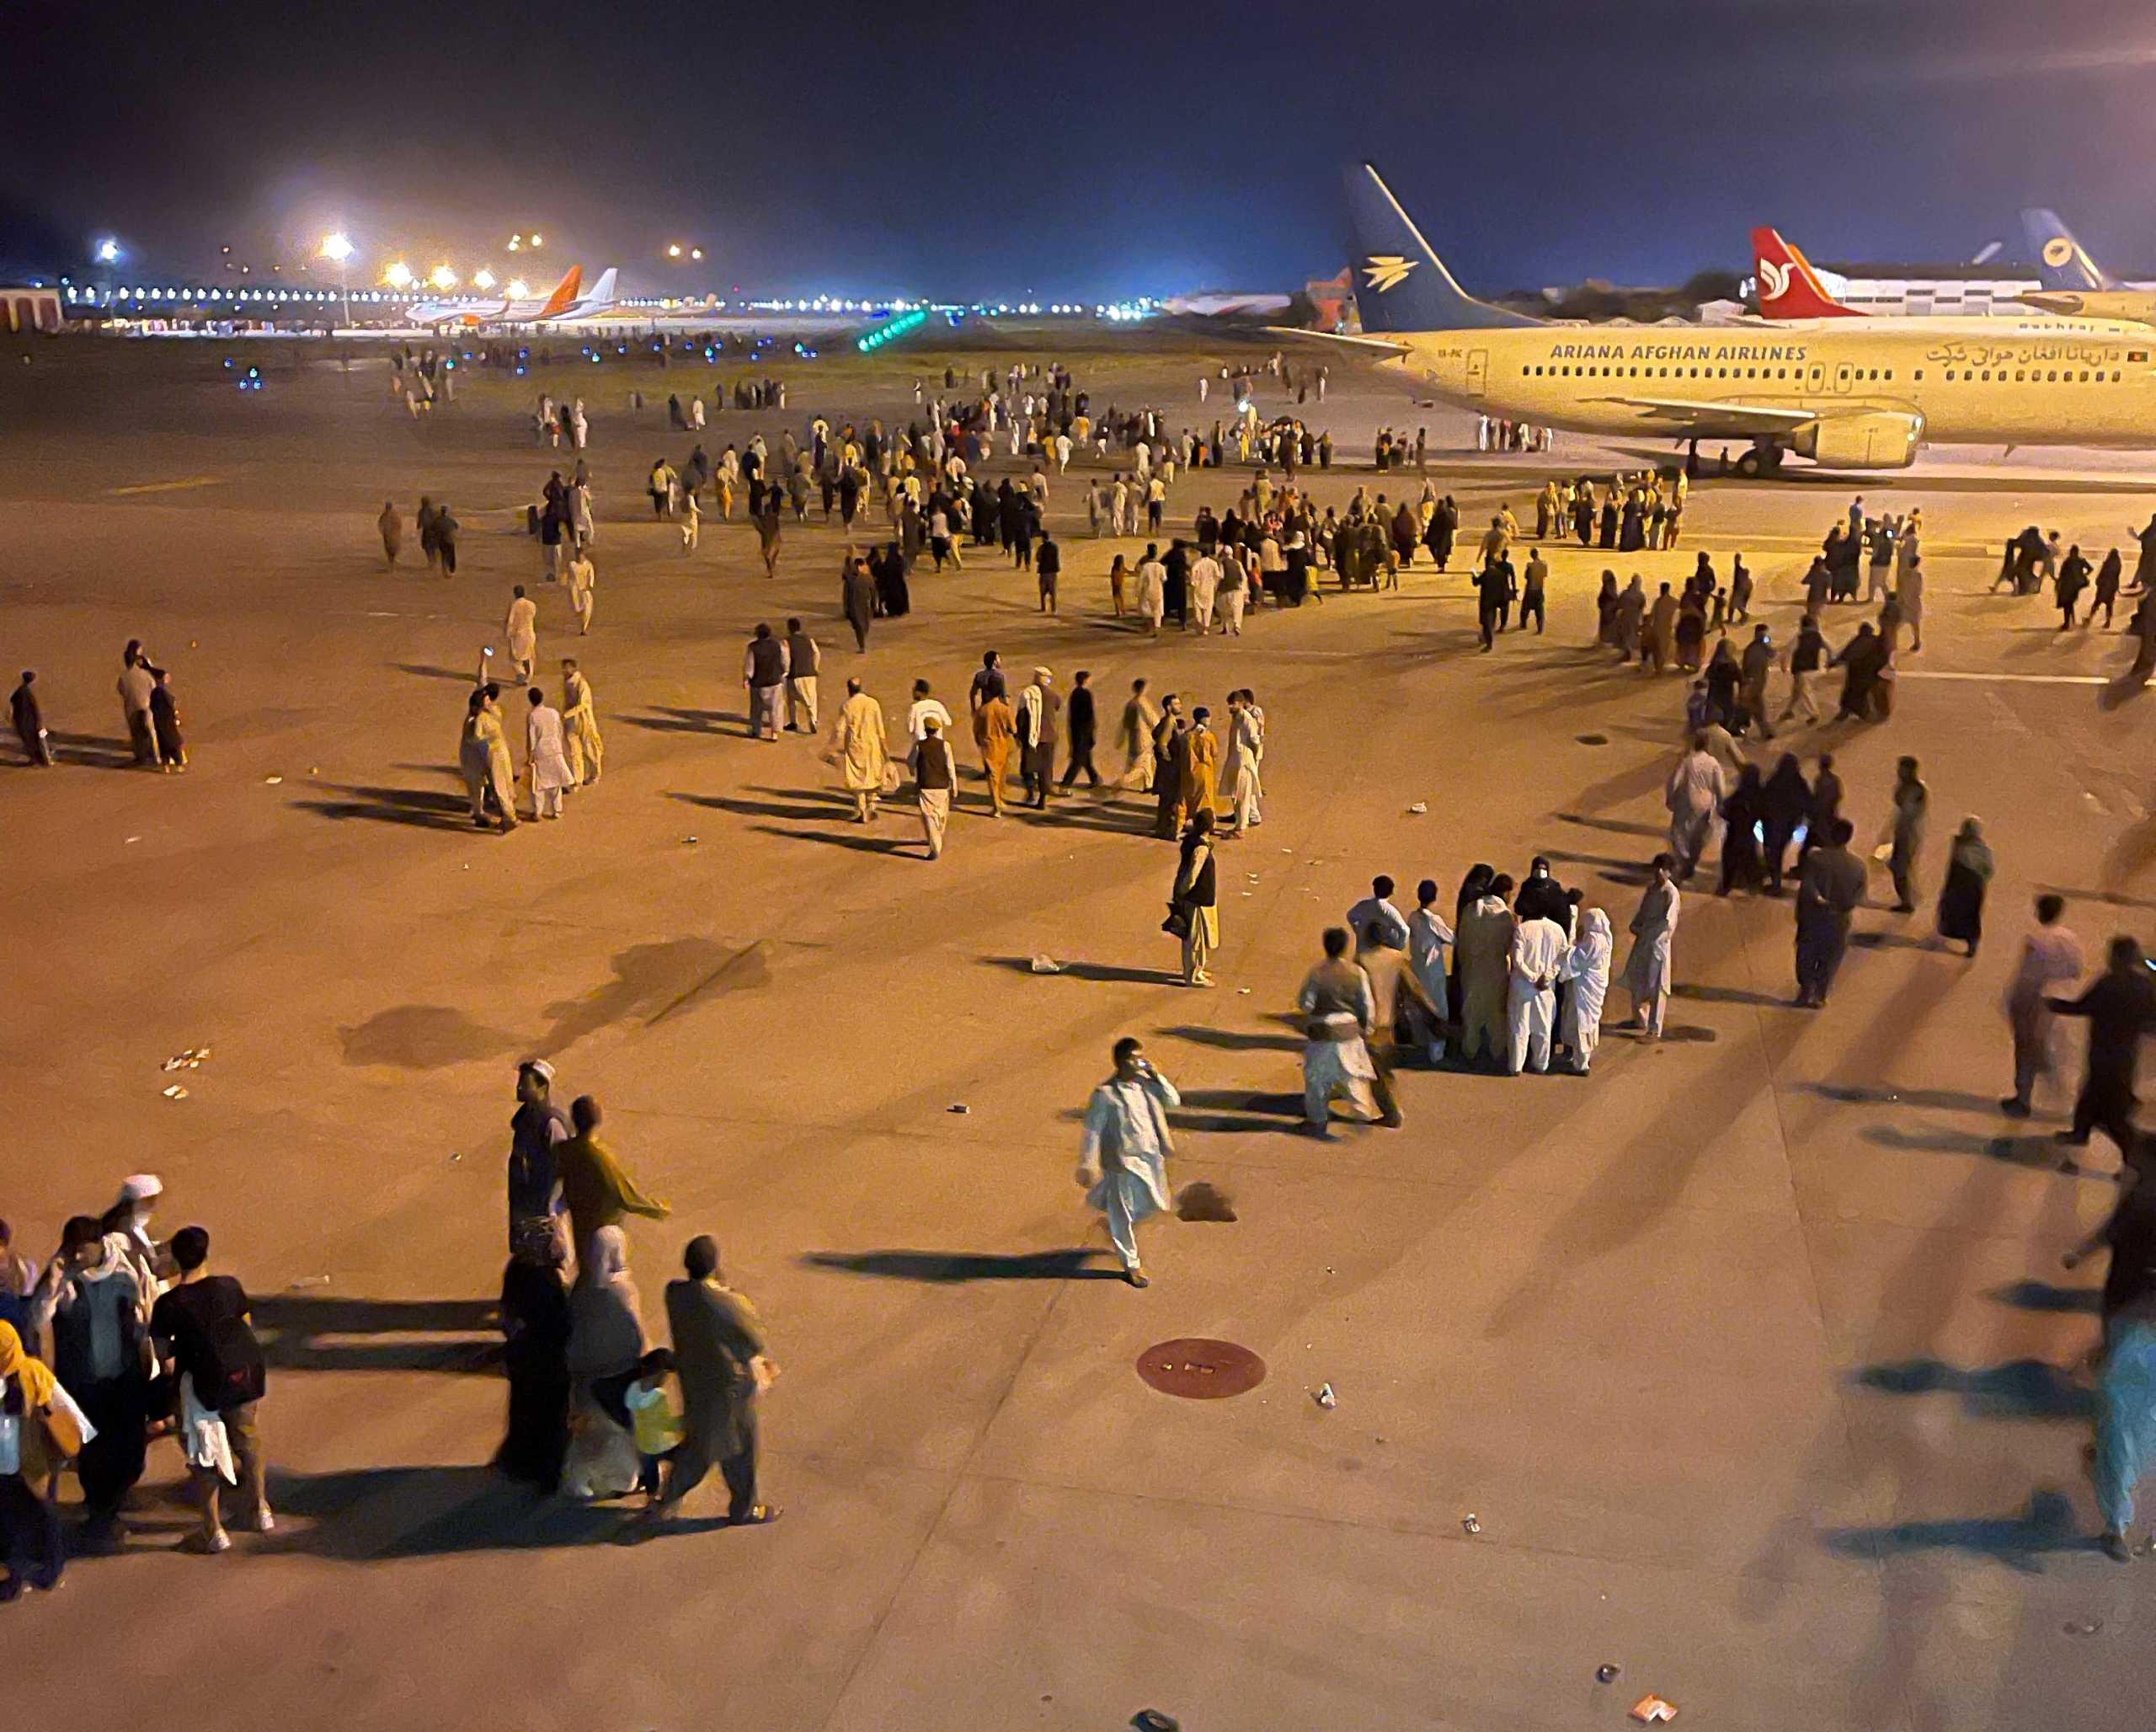 Αφγανιστάν: ΗΠΑ και Γερμανία συστήνουν στους πολίτες τους να αποφύγουν την μετακίνηση προς το αεροδρόμιο